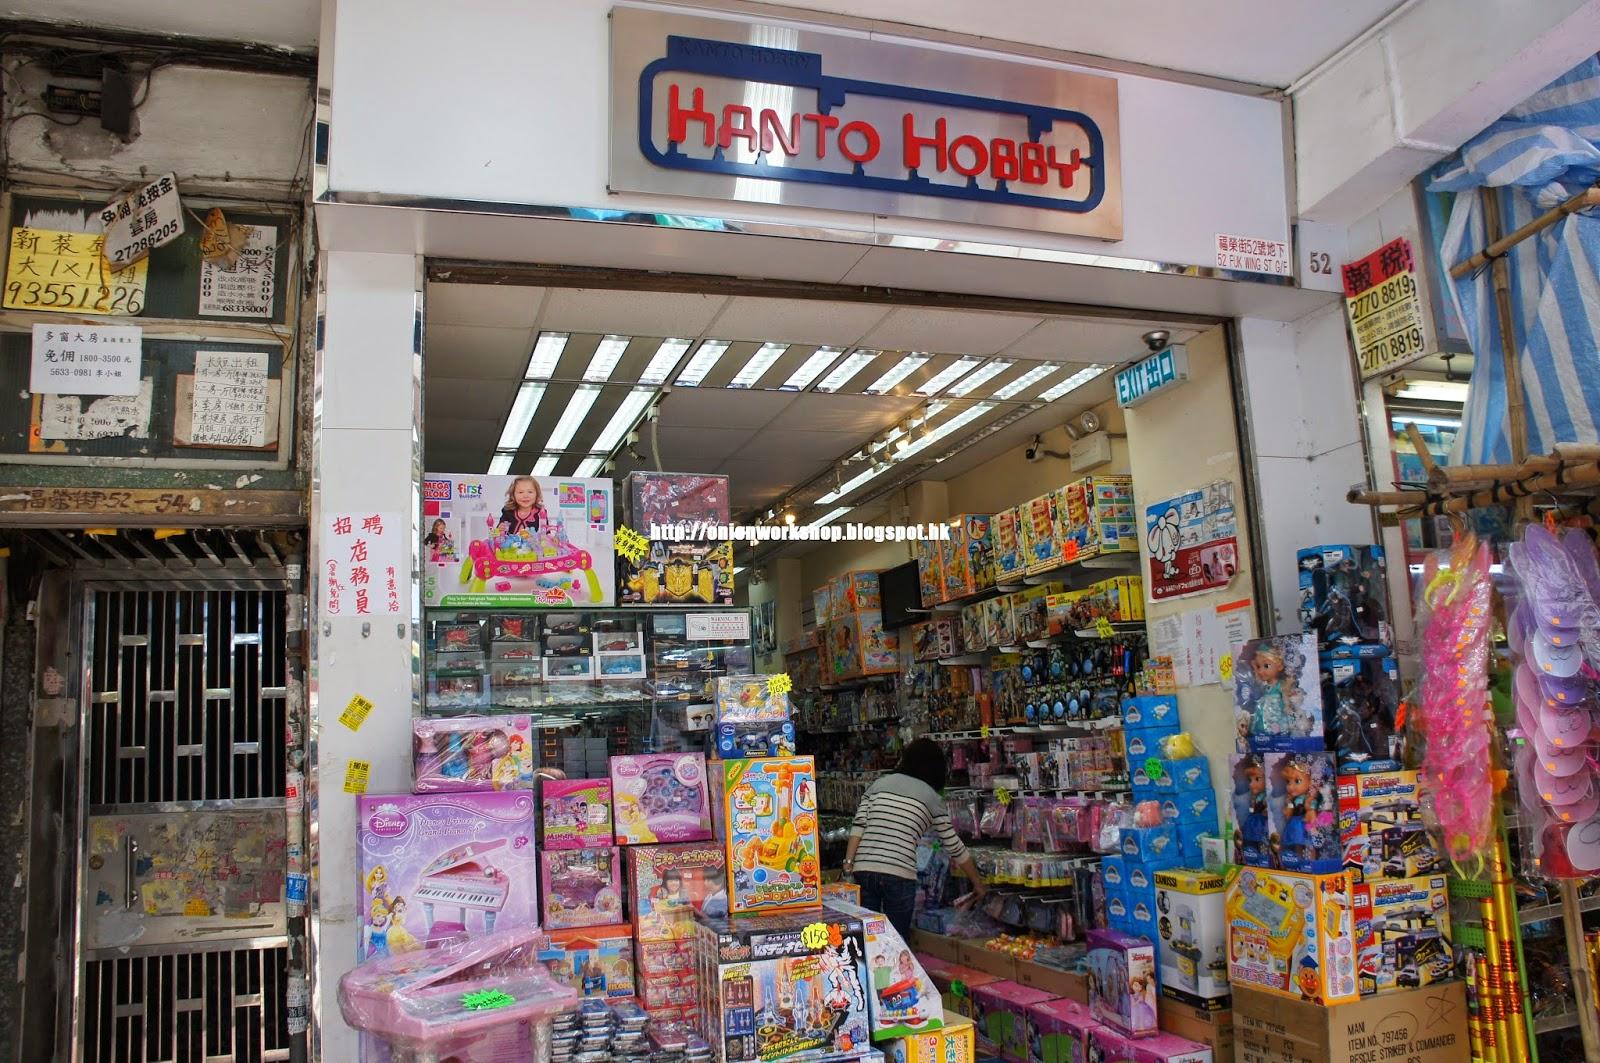 洋蔥頭的玩具店遊記: No.071 九龍區 深水埗 關東店 - KANTO HOBBY